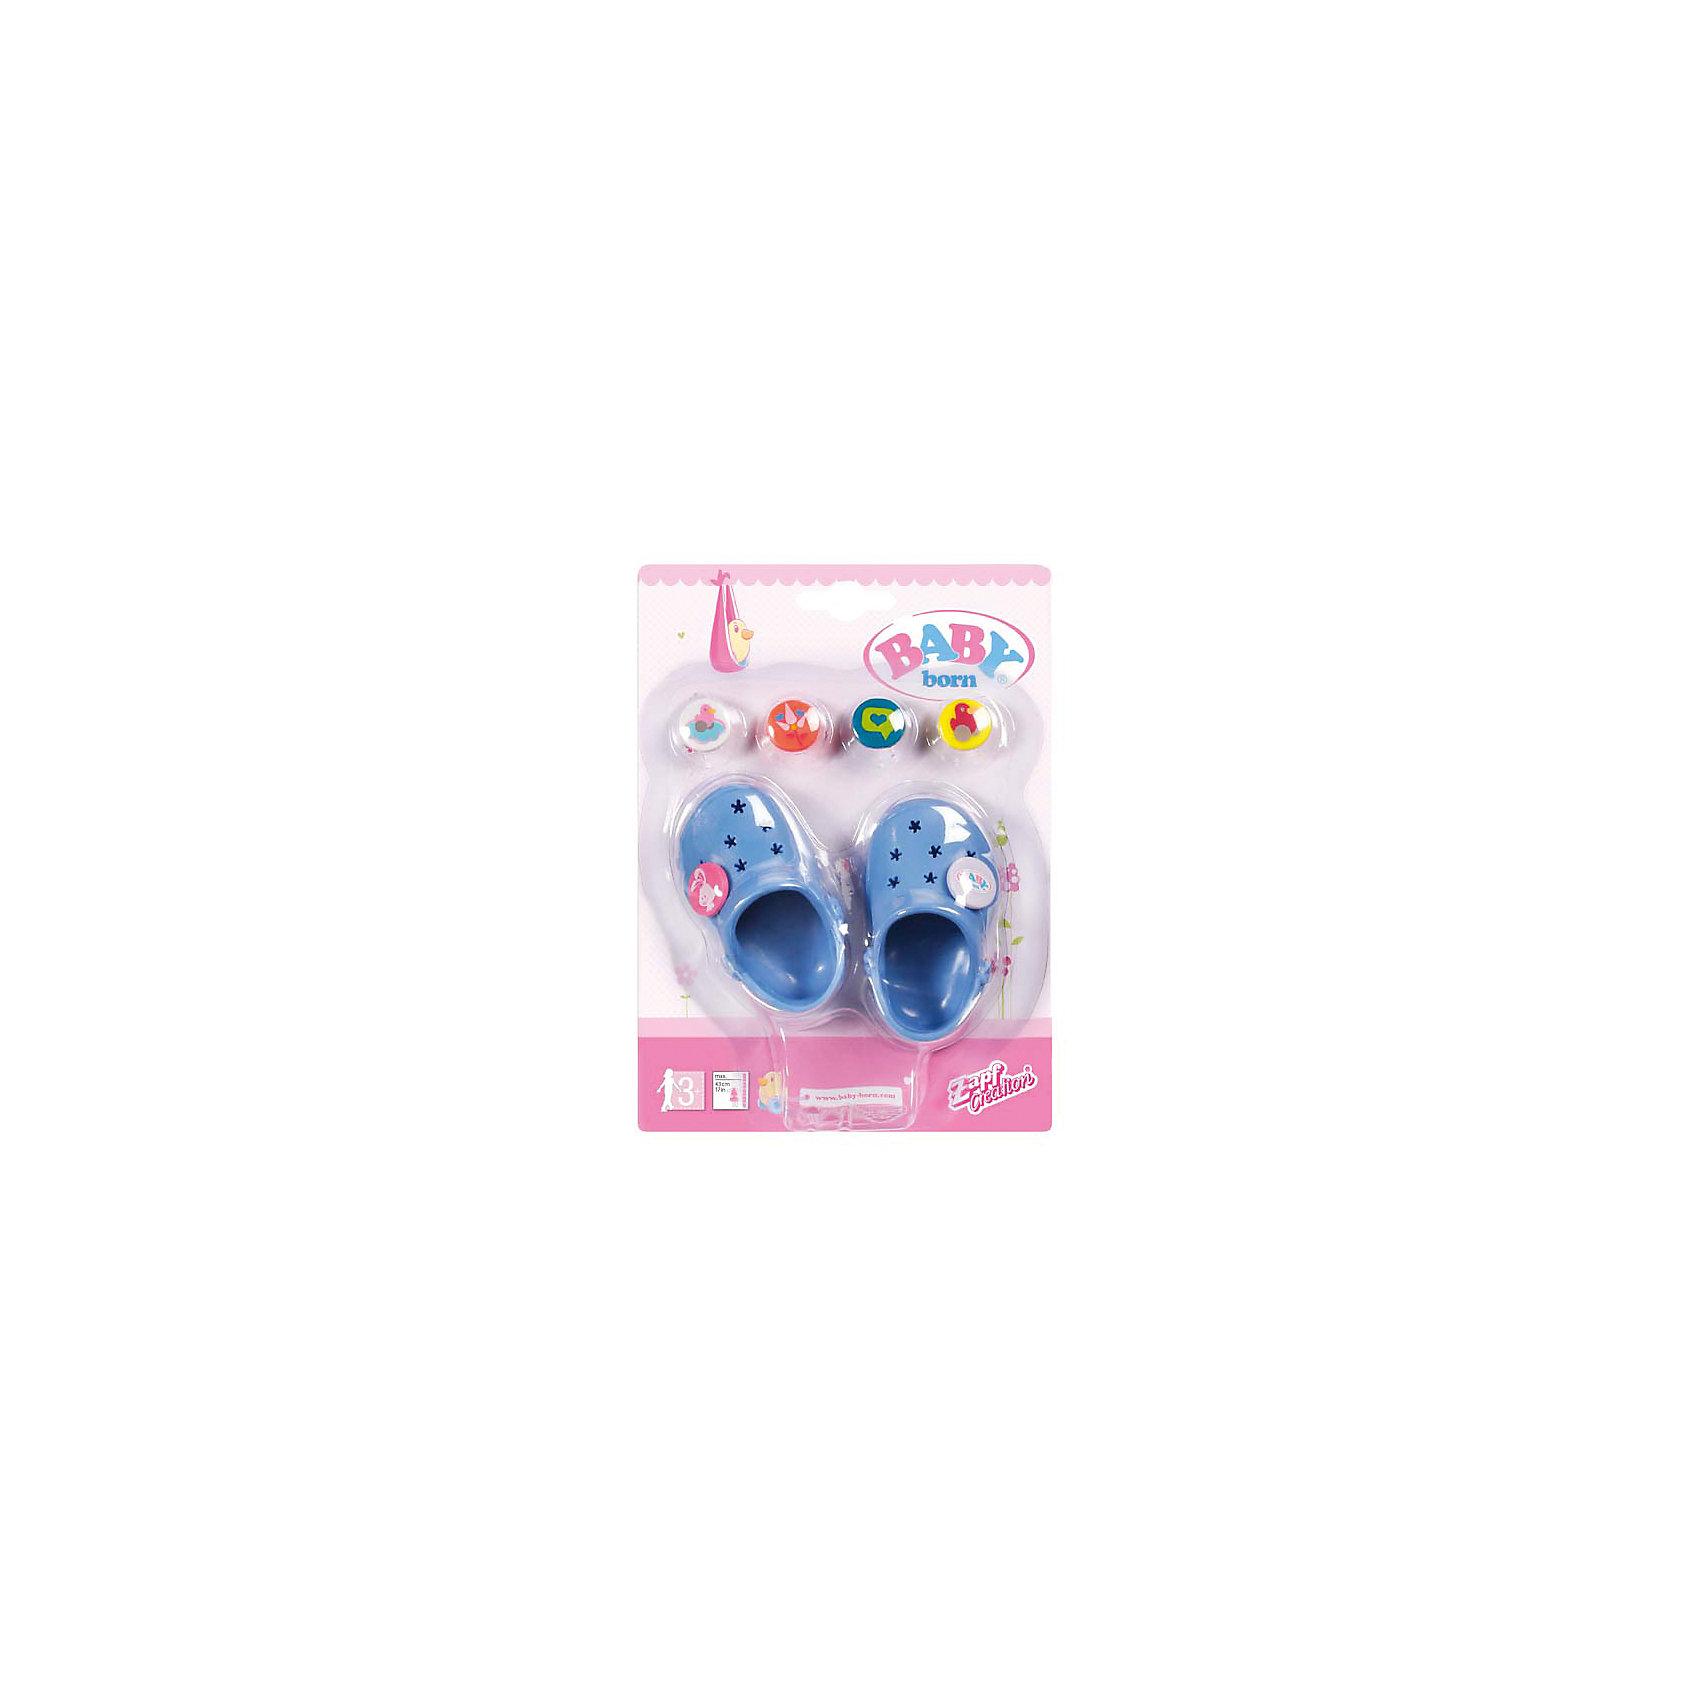 Сандали фантазийные, BABY born, голубыеБренды кукол<br>Характеристики:<br><br>• аксессуары: украшения для сандалий;<br>• материал: пластик;<br>• размер упаковки: 13,3х4х18 см<br><br>Фантазийные сандалии для куколки BABY born идут в комплекте с украшениями. 4 фишки-пуговки позволяют декорировать сандалии. Украшения совместимы с другими сандалиями из этой серии. <br><br>Сандали фантазийные, BABY born, голубые можно купить в нашем магазине.<br><br>Ширина мм: 178<br>Глубина мм: 129<br>Высота мм: 40<br>Вес г: 84<br>Возраст от месяцев: 36<br>Возраст до месяцев: 2147483647<br>Пол: Женский<br>Возраст: Детский<br>SKU: 5282093